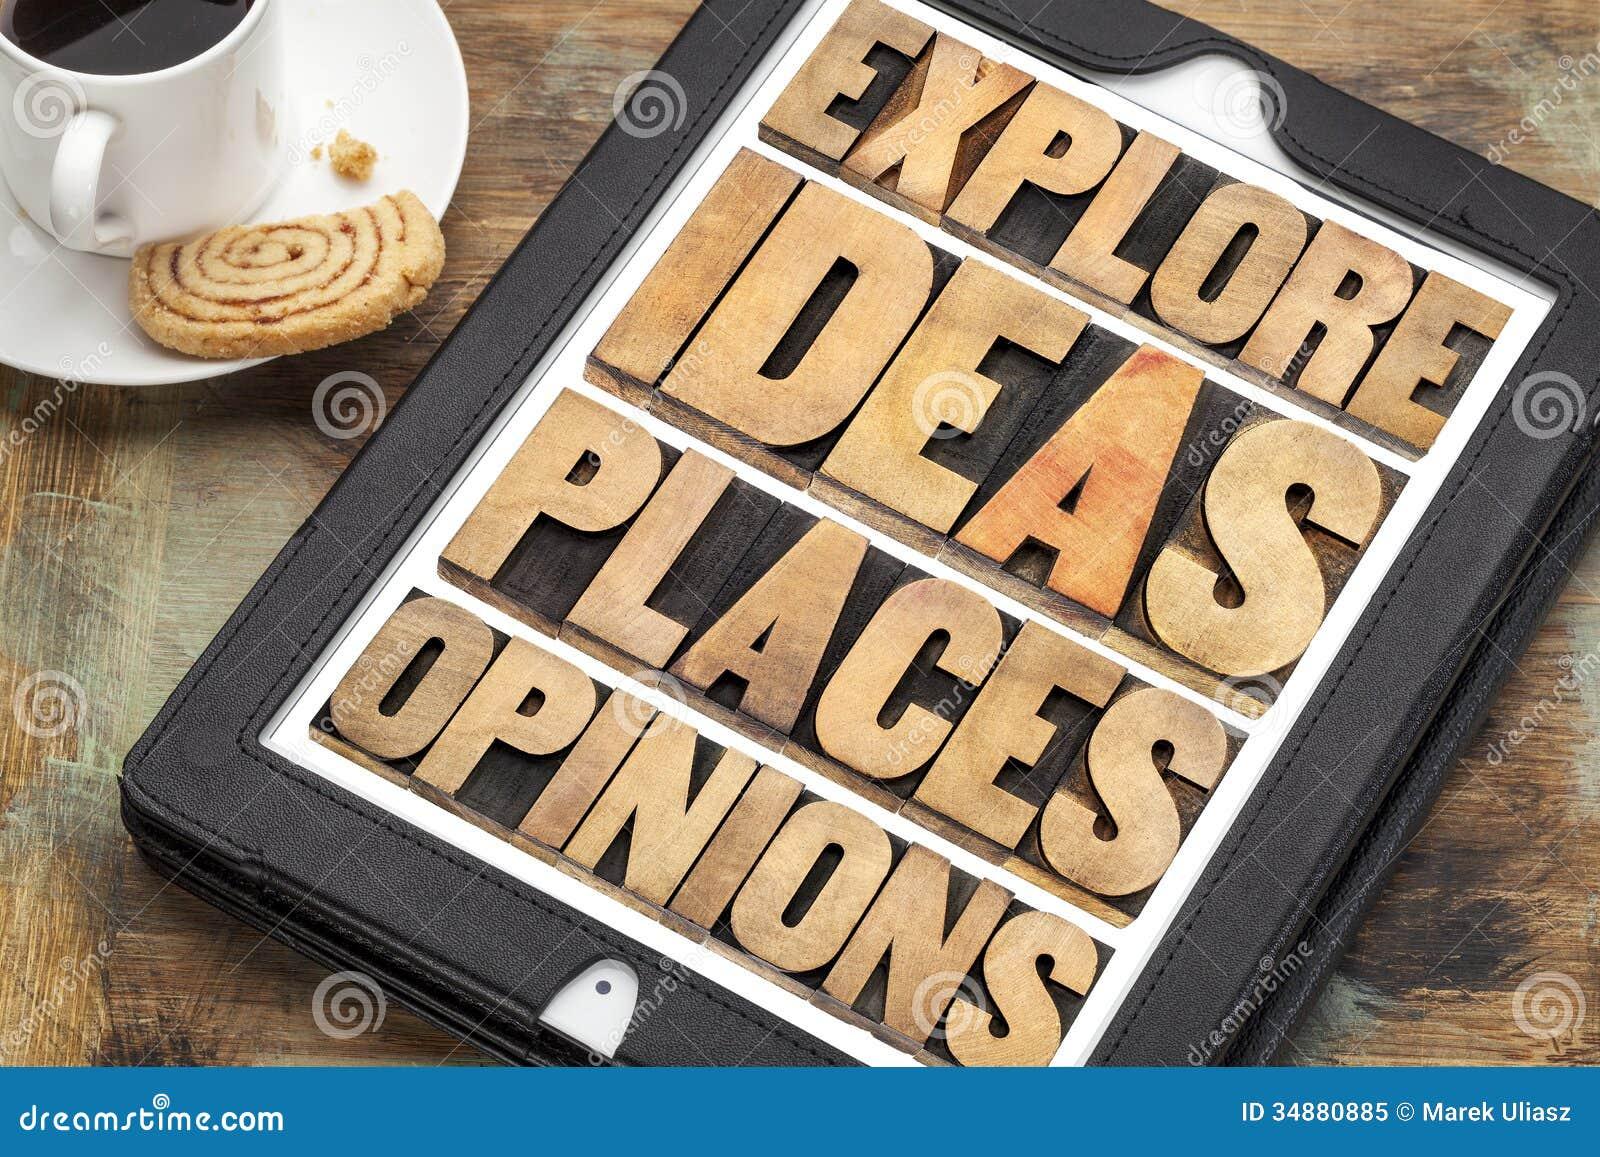 Исследуйте идеи, места и мнения